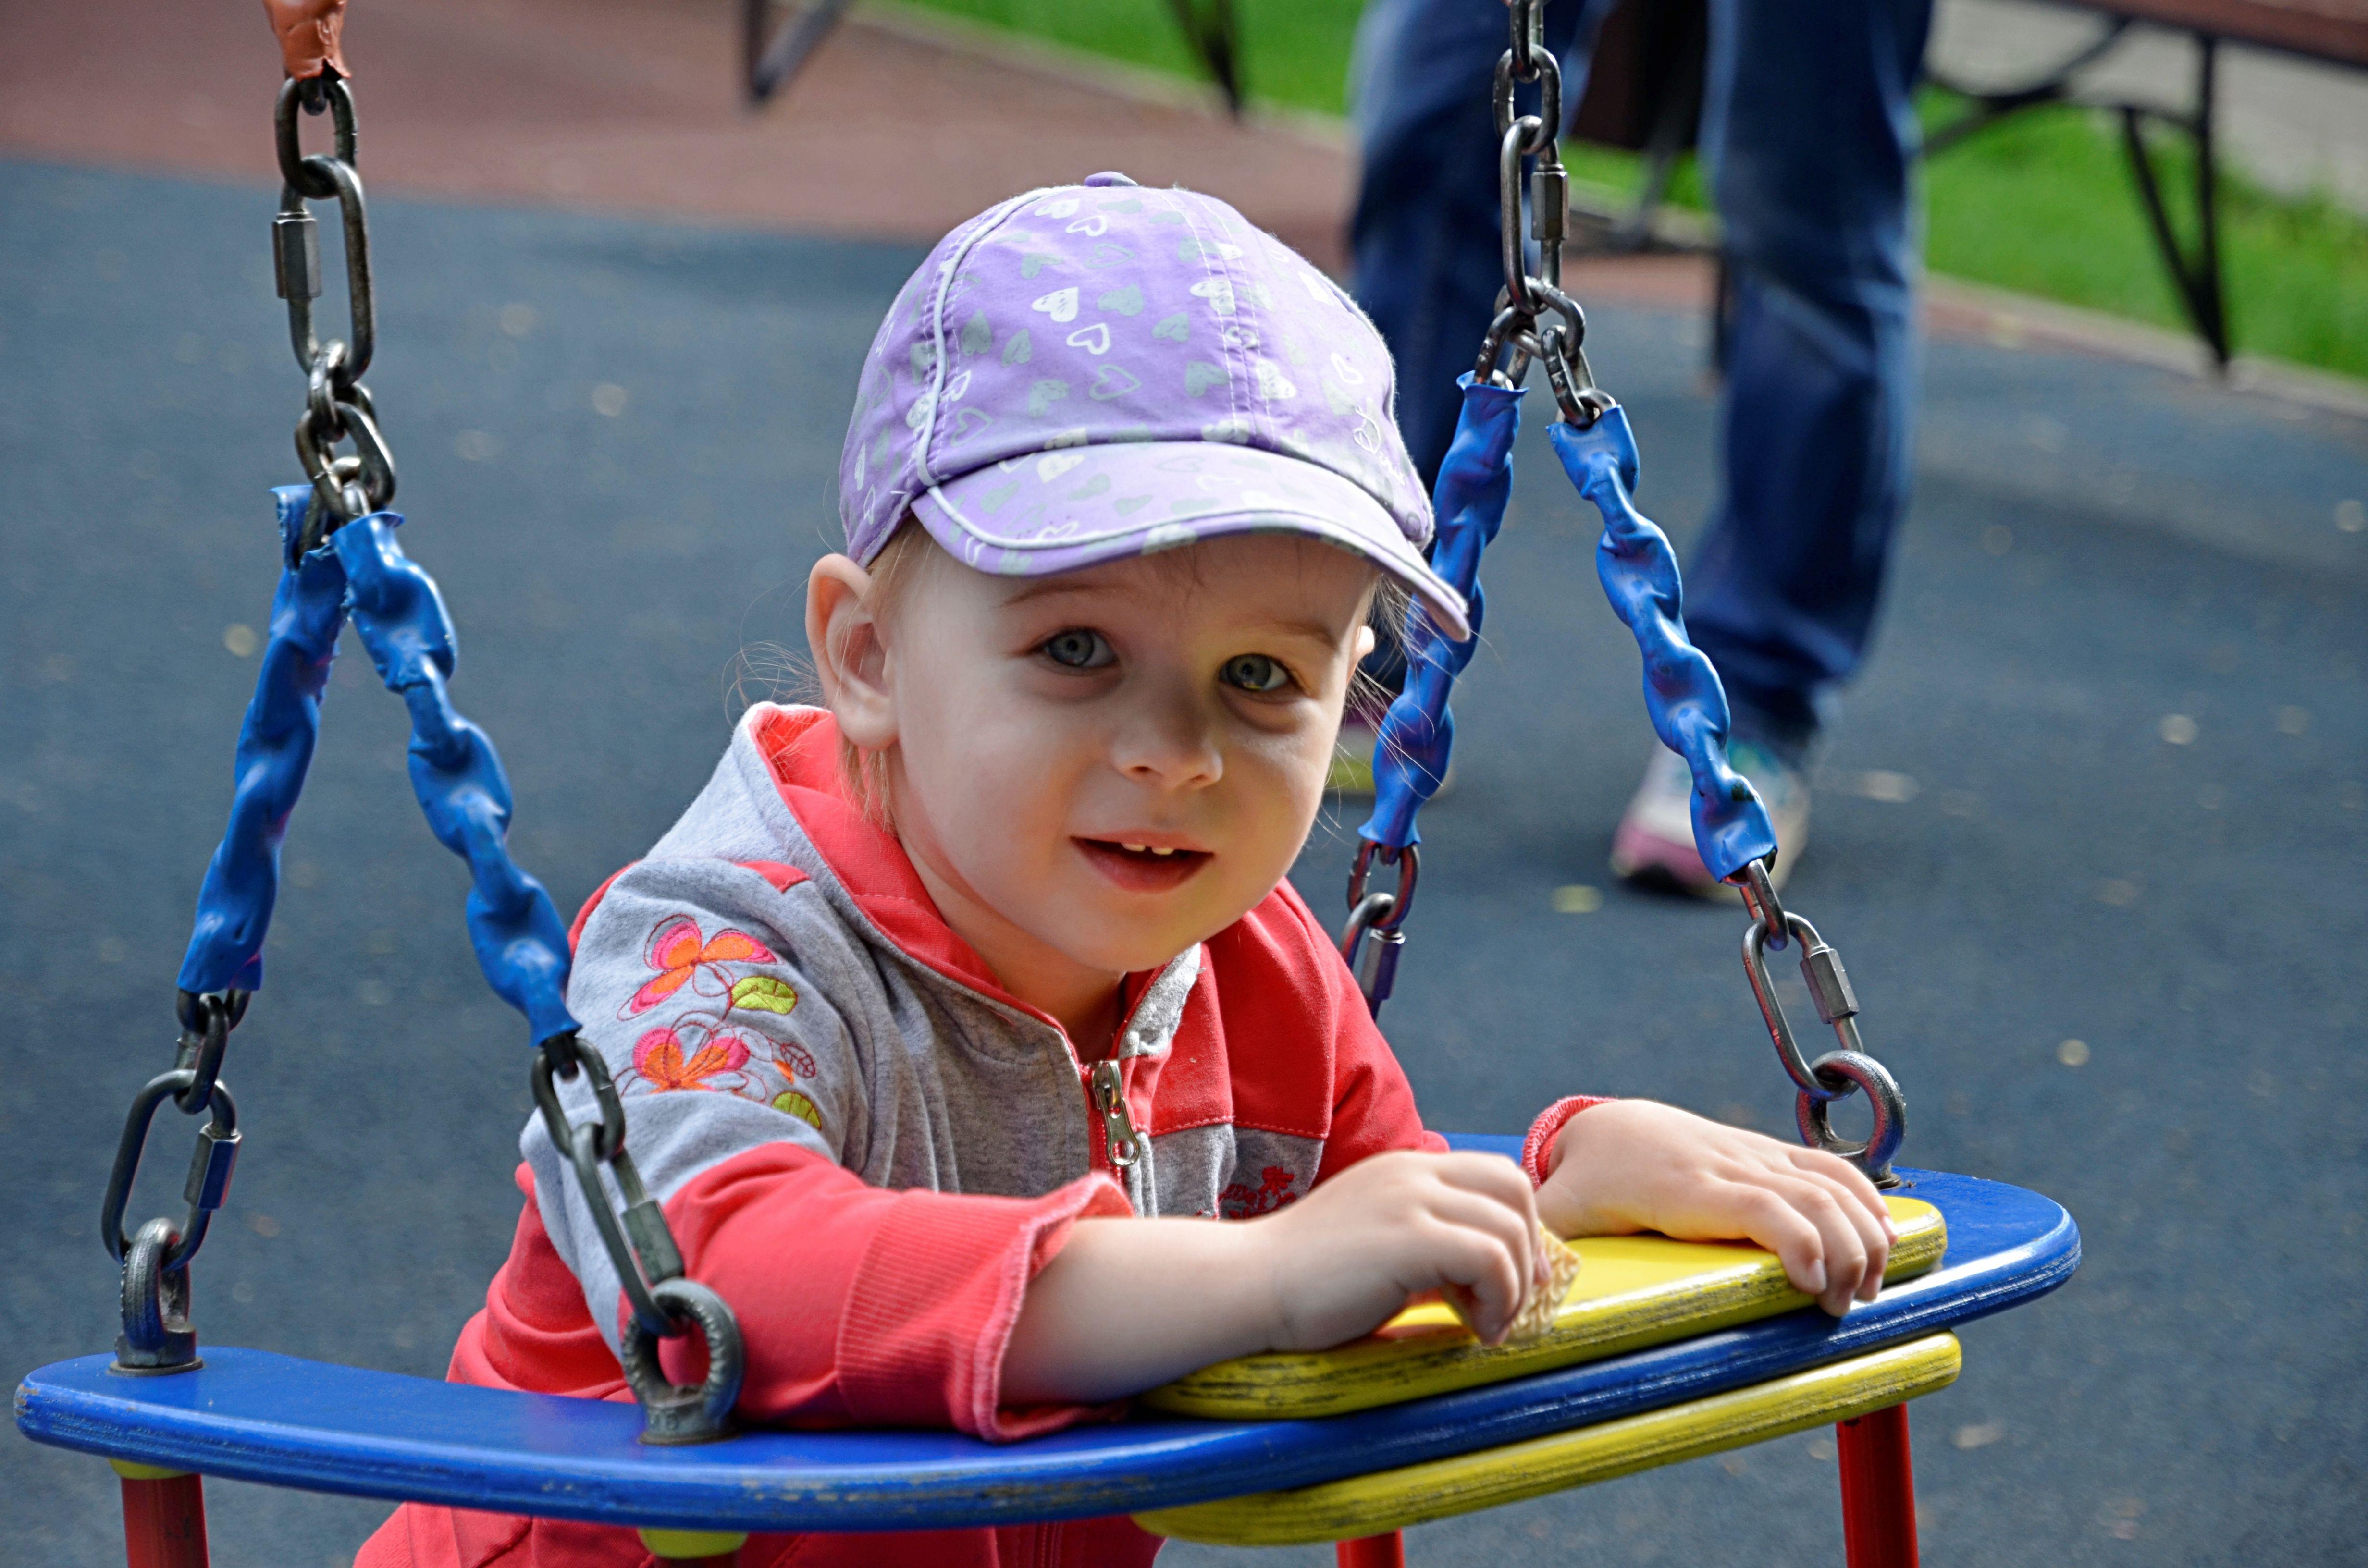 Пять дополнительных детских садов построят в Новой Москве в 2019 году